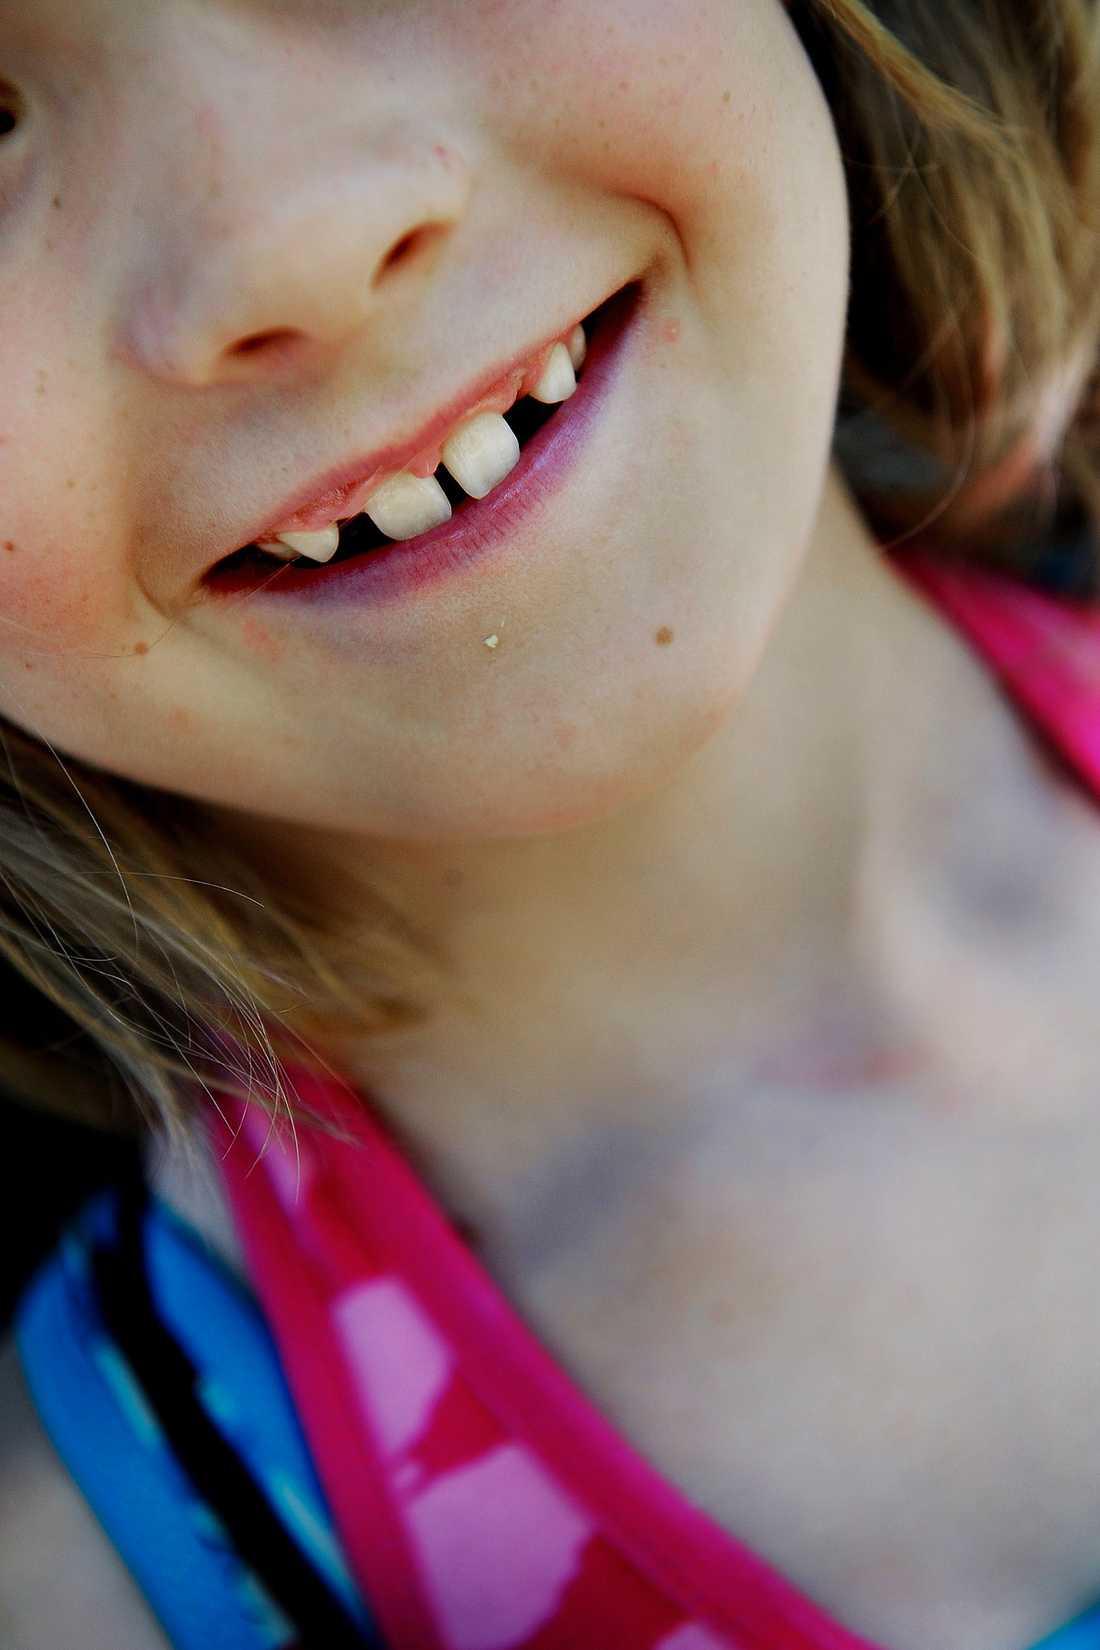 """Barnen leker och skrattar i grässlänten i Lännersta. Omgivningen är en grönskande sommaridyll. Mammorna fikar. Men de berättar också om kampen för att kunna mätta sina barn. Flera av barnen från lägret går till skolan med uppmaningen """"Ät mycket, det blir ingen middag""""."""